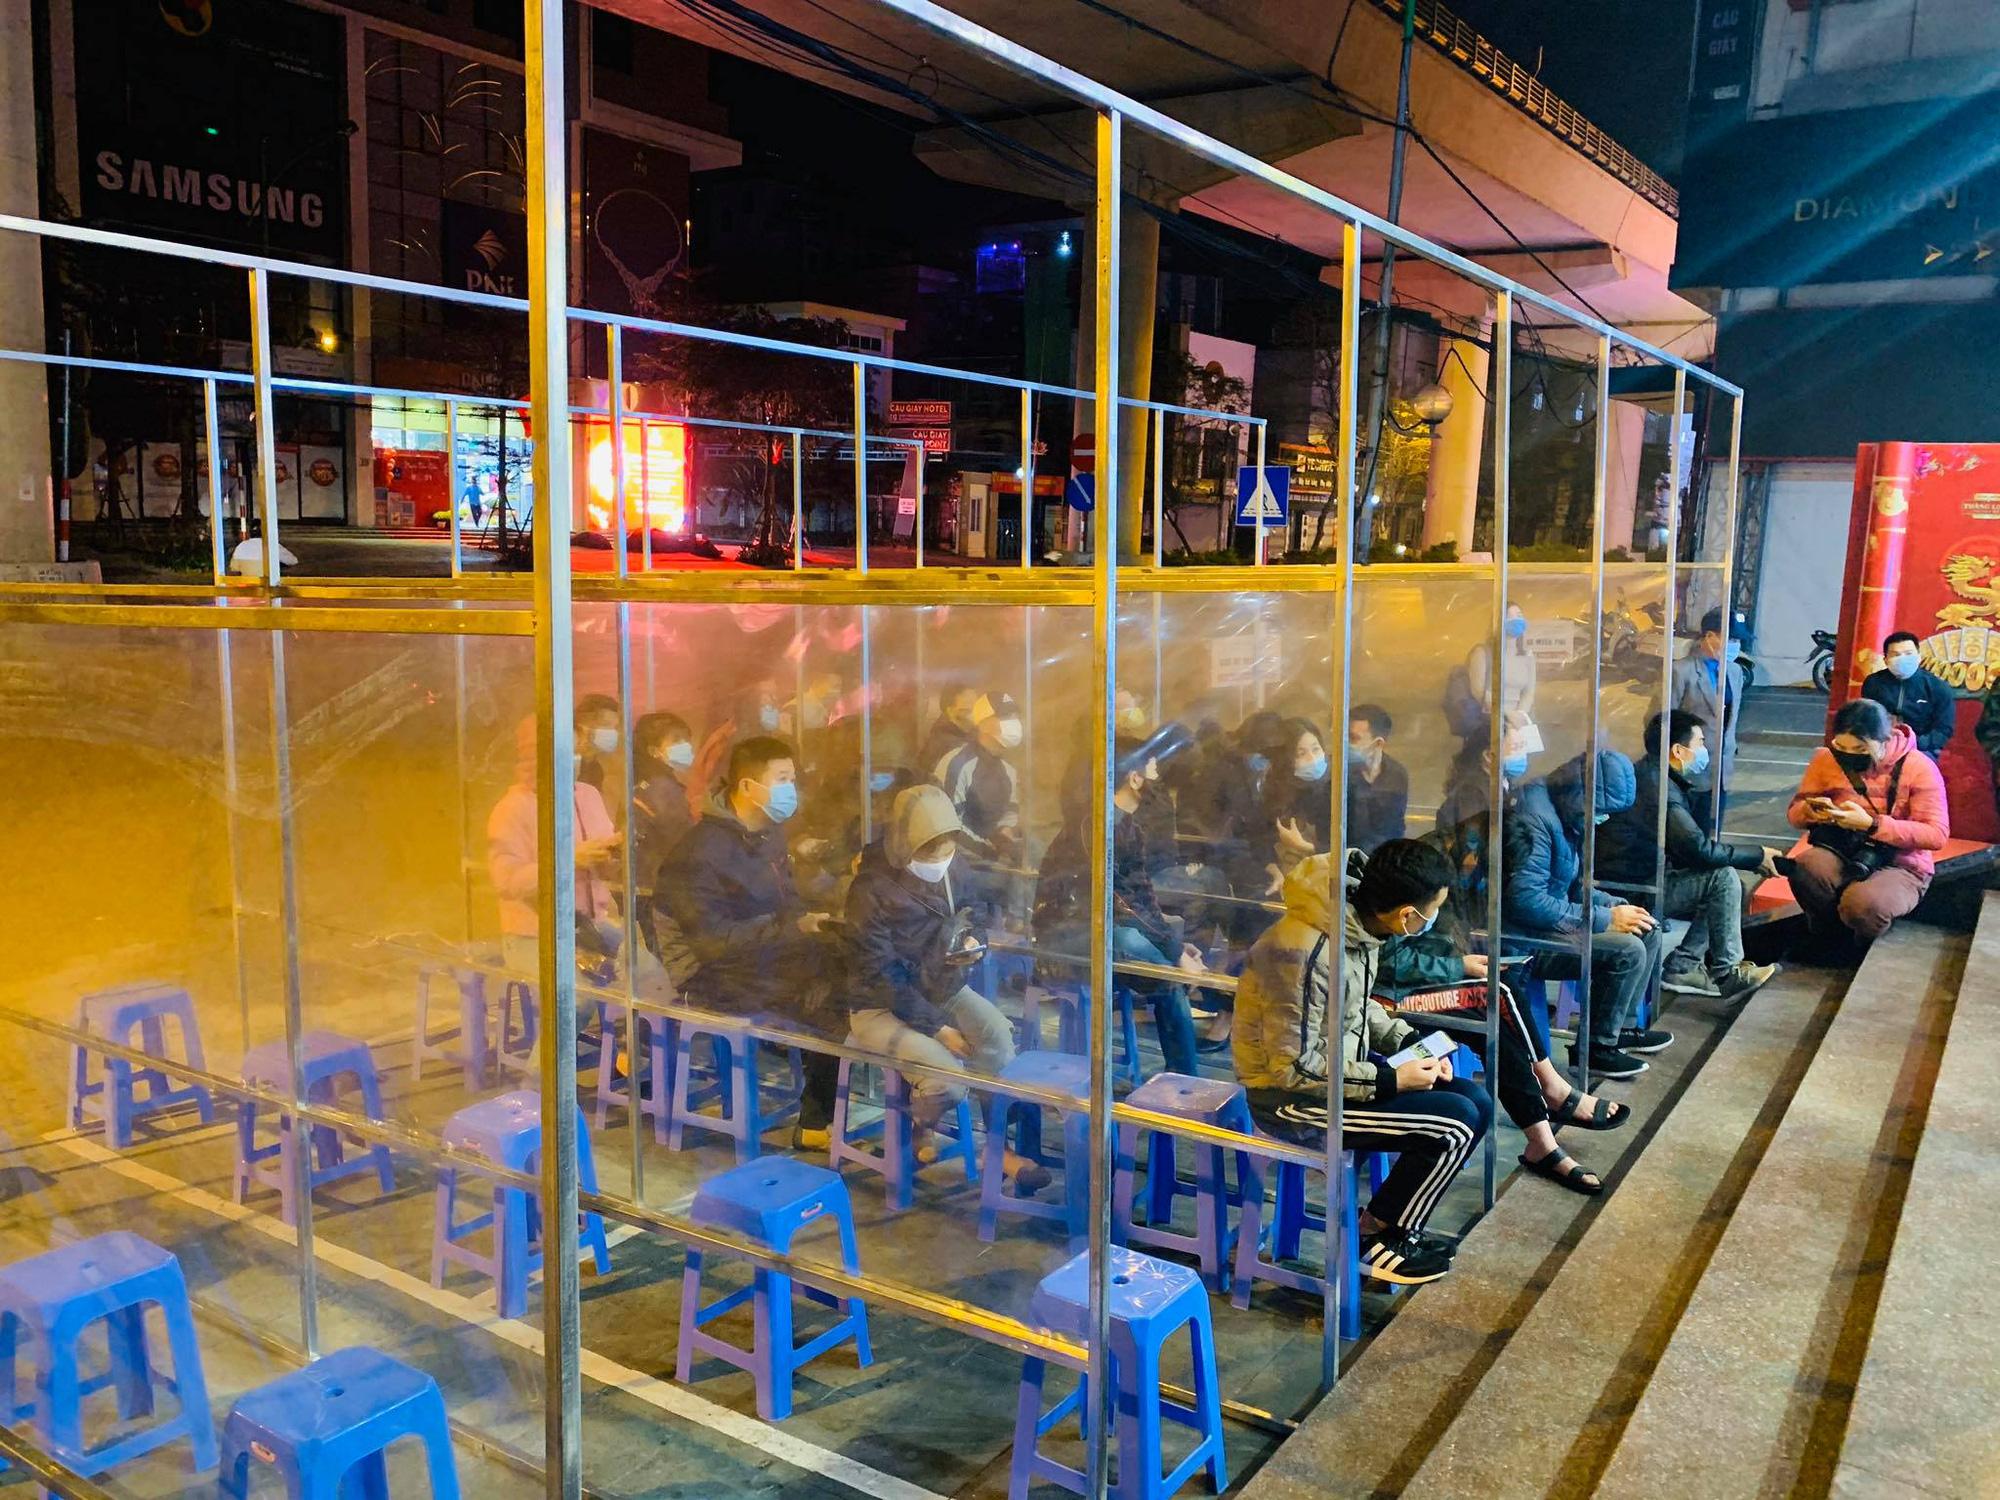 Ngày vía Thần Tài: Người dân đeo khẩu trang săn lộc, doanh nghiệp lắp vách ngăn trên đường cho khách mua vàng - Ảnh 2.